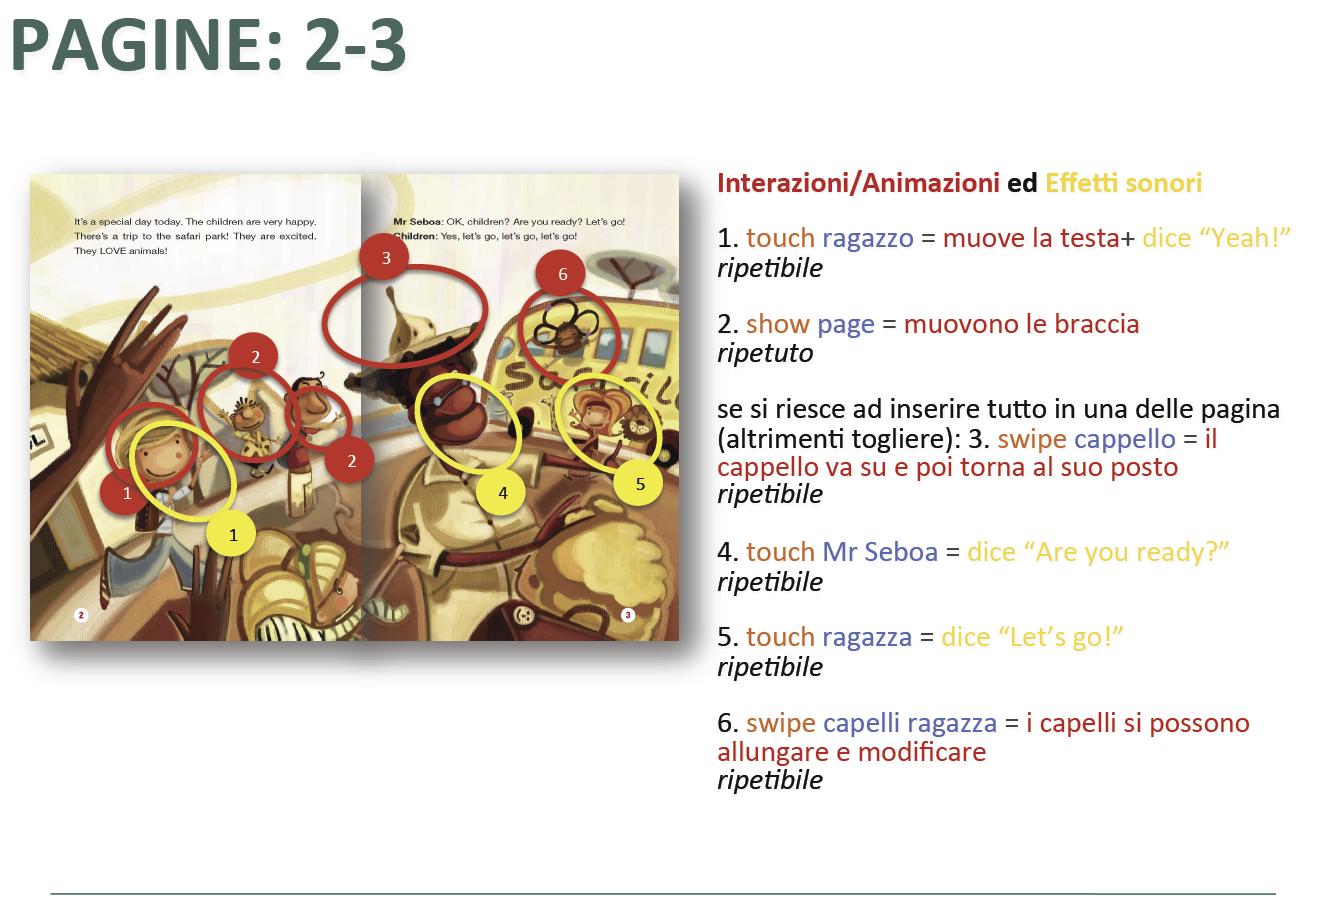 ebook interattivo scuola DeAgostini, rcs